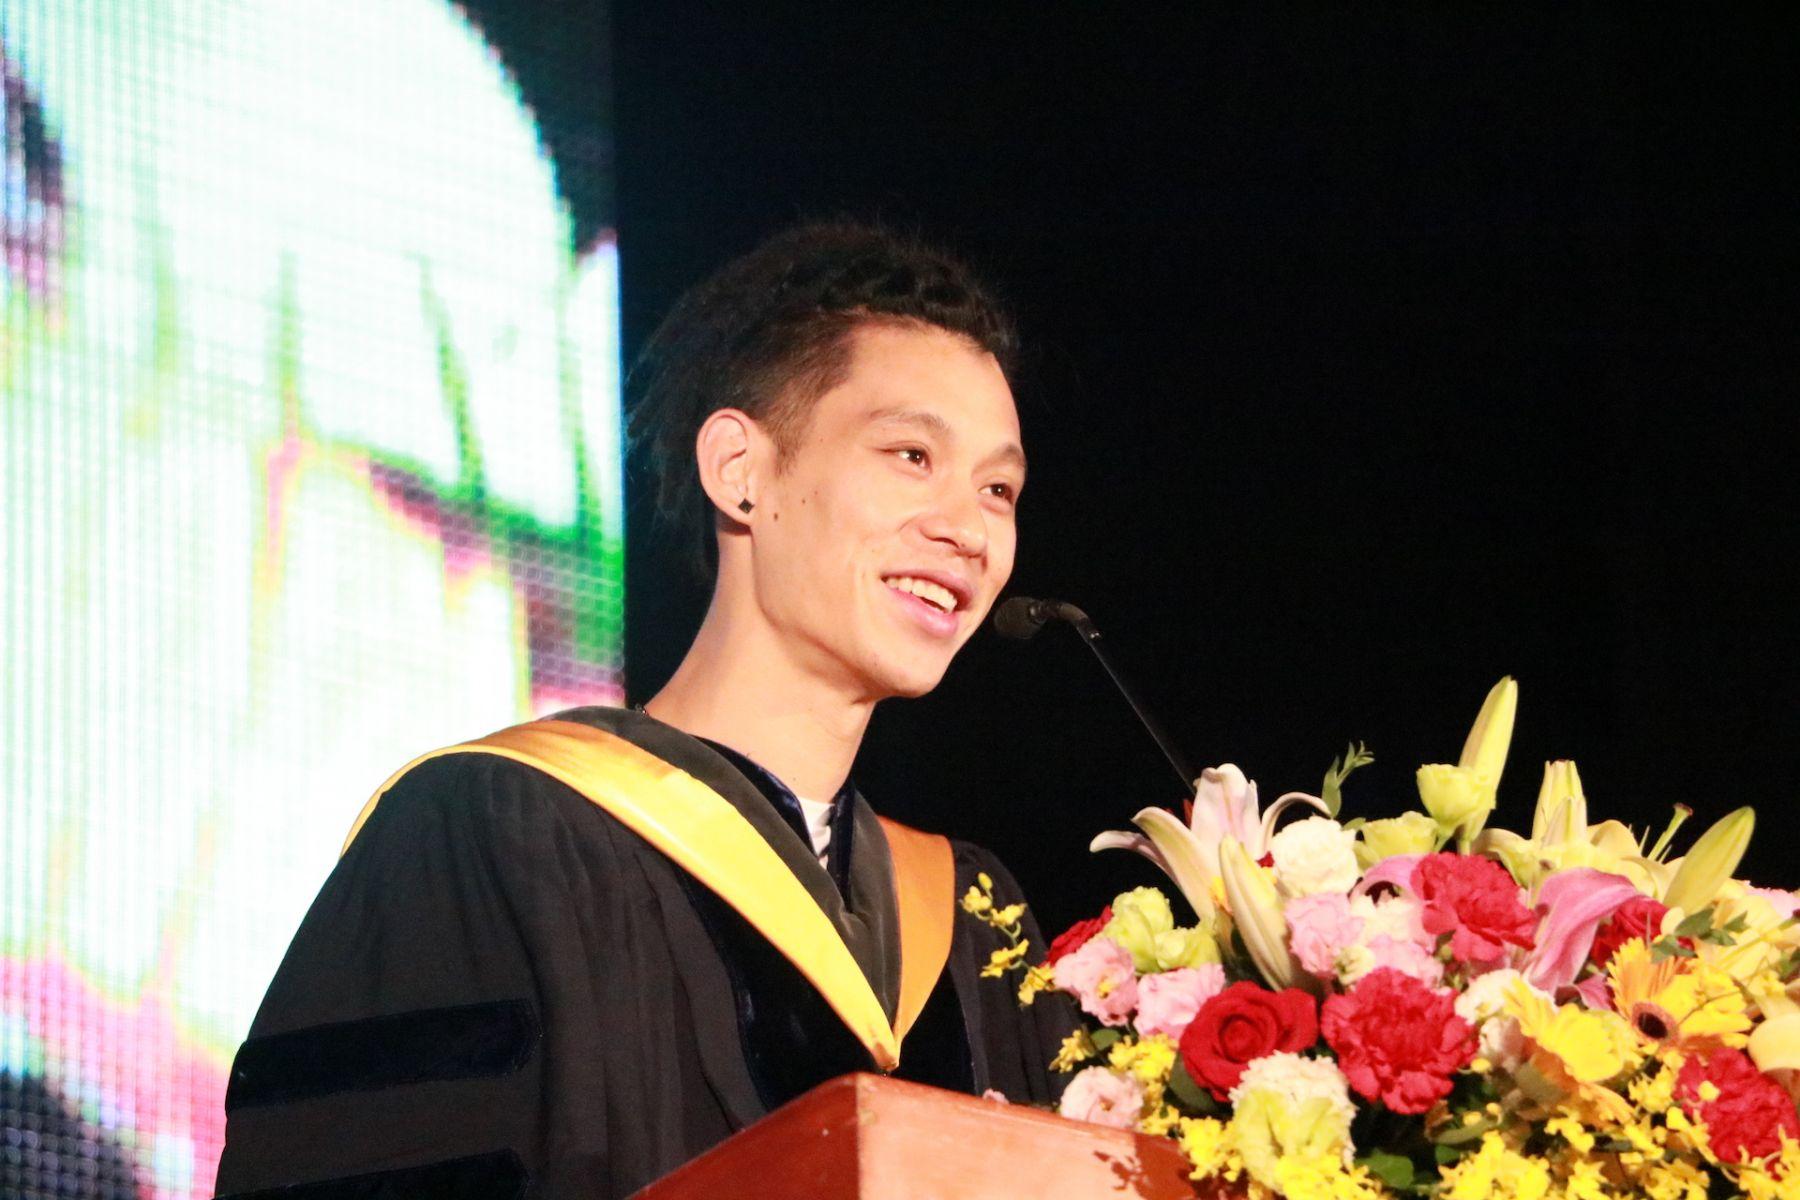 政大畢業典禮演講 林書豪:尋常使你平庸,癲狂讓你偉大